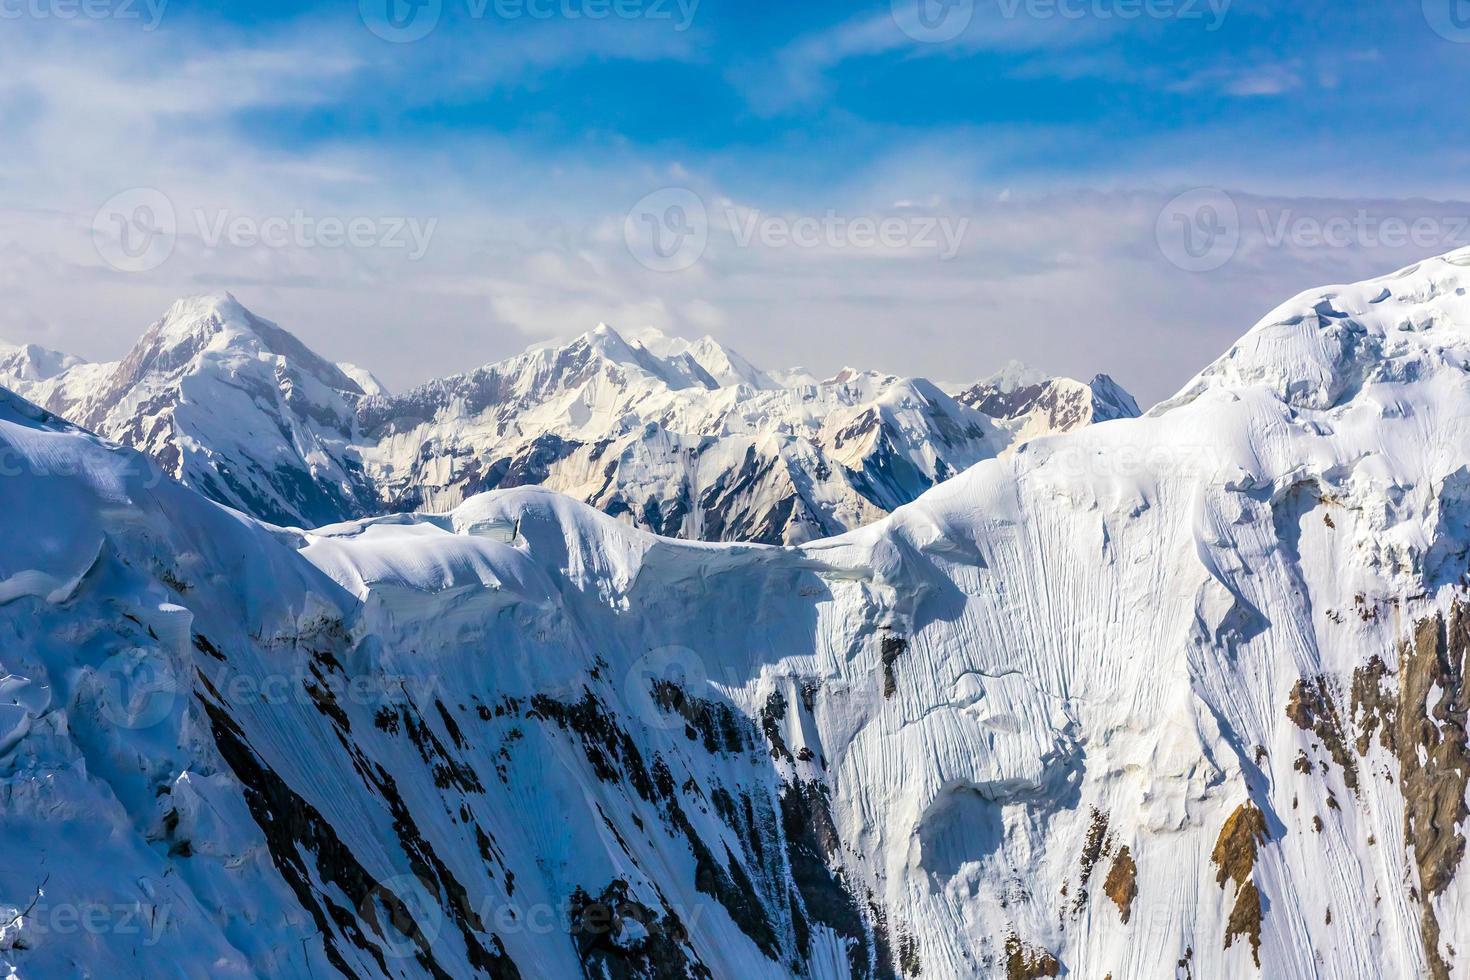 vista aérea da paisagem montanhosa da Ásia Central foto